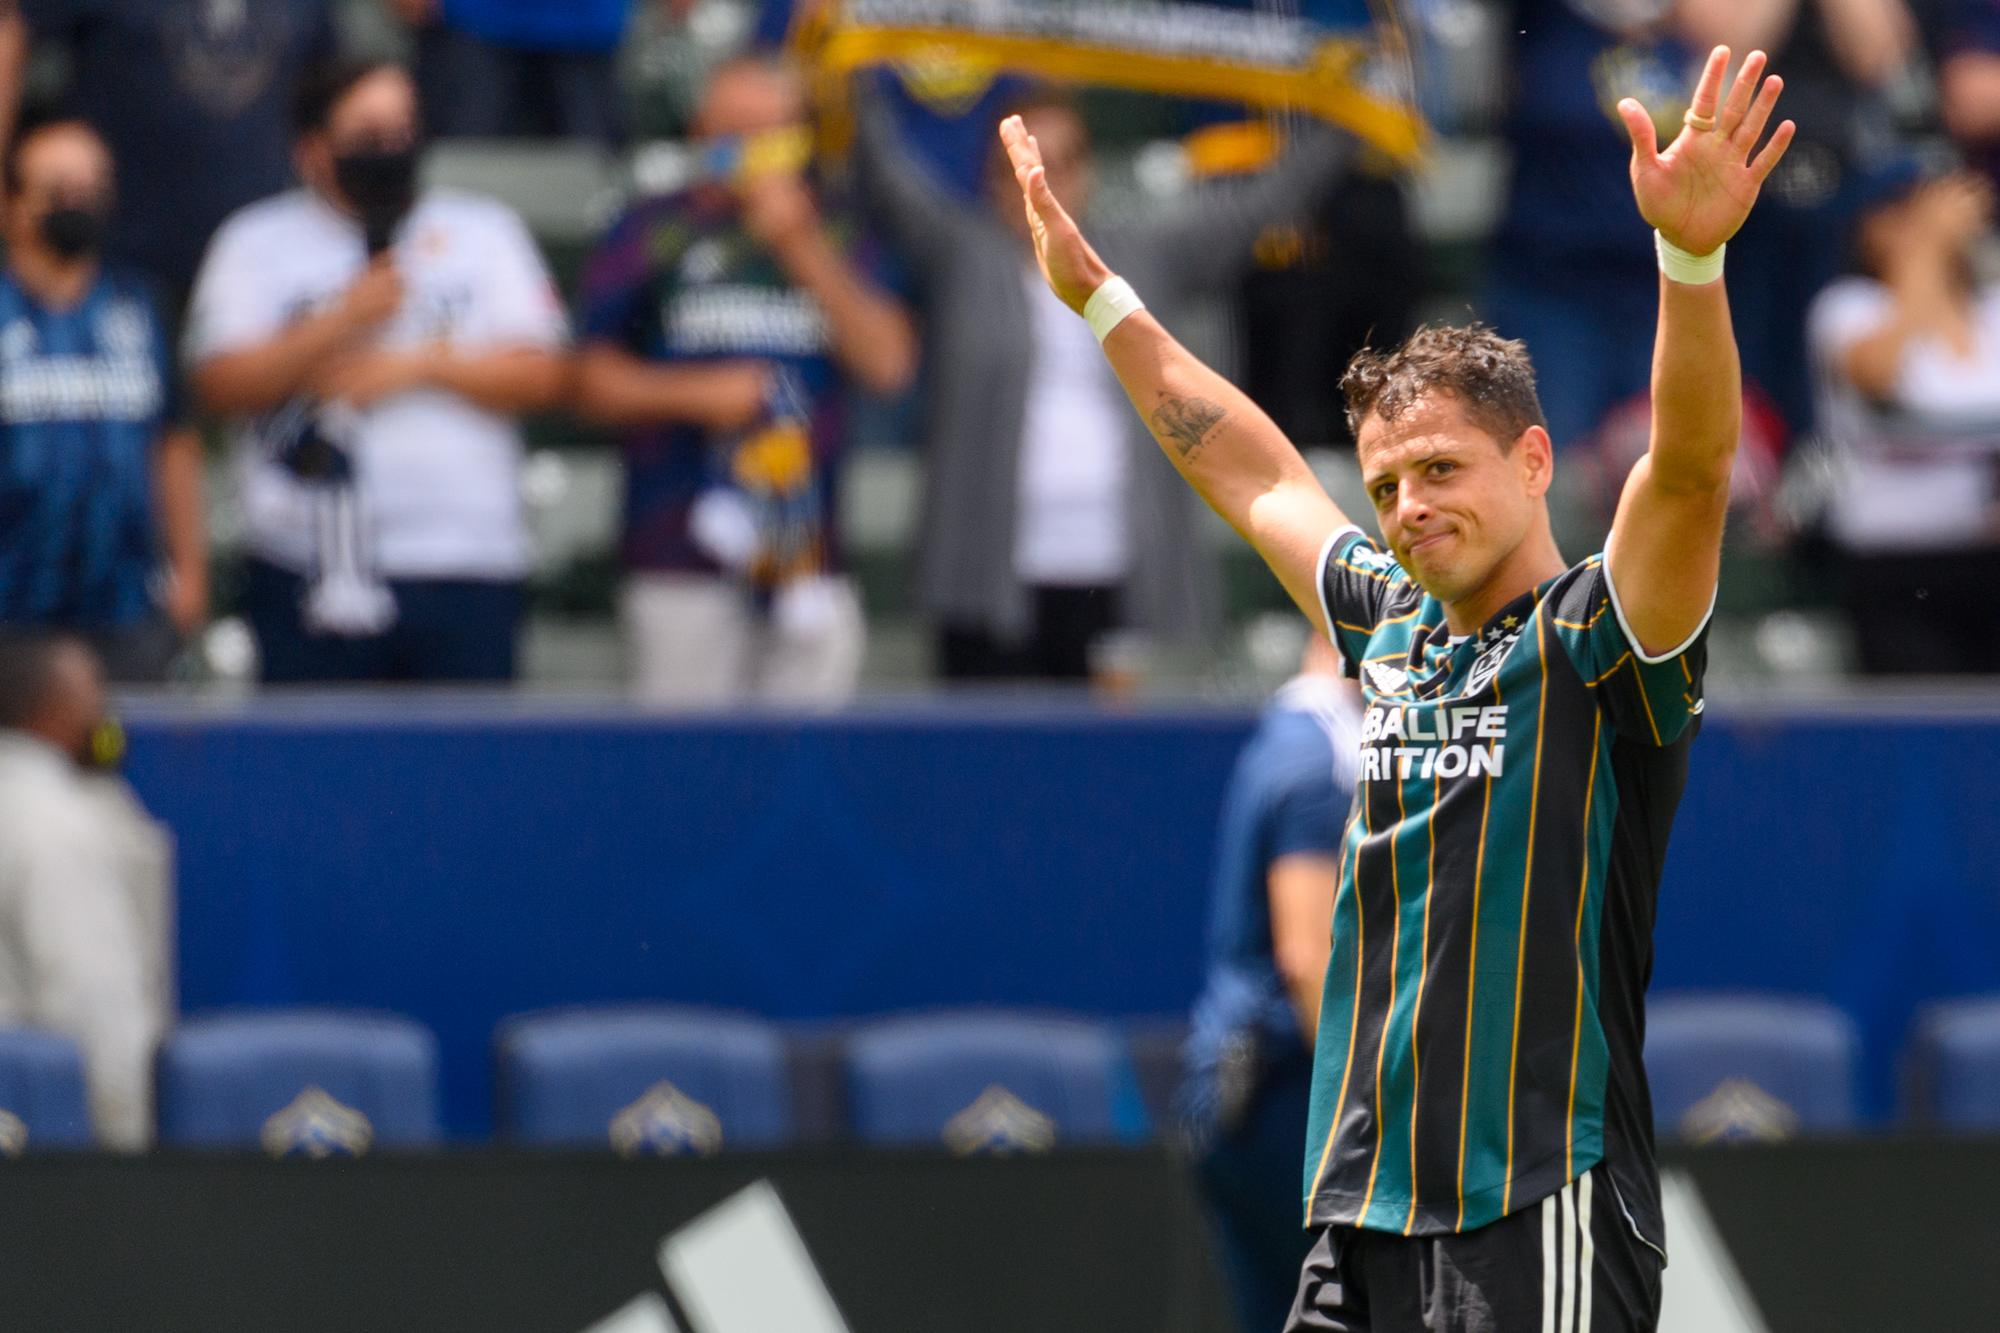 Se presenta la votación al estilo de fantasía del MLS All-Star